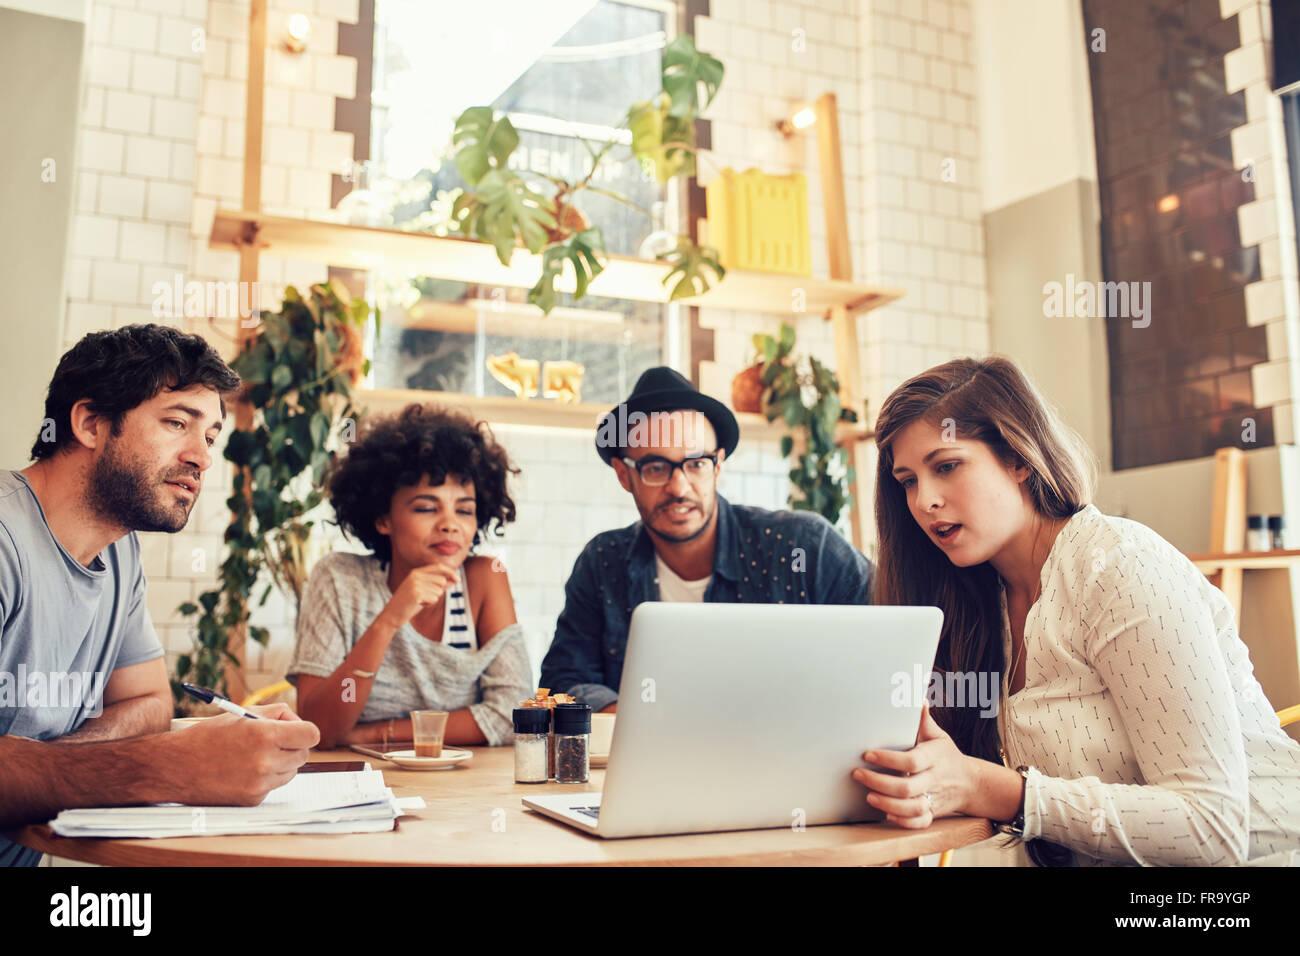 Porträt des jungen kreativen Team in einem Café sitzen und mit Blick auf einen Laptop. Junge Frau, die Stockbild